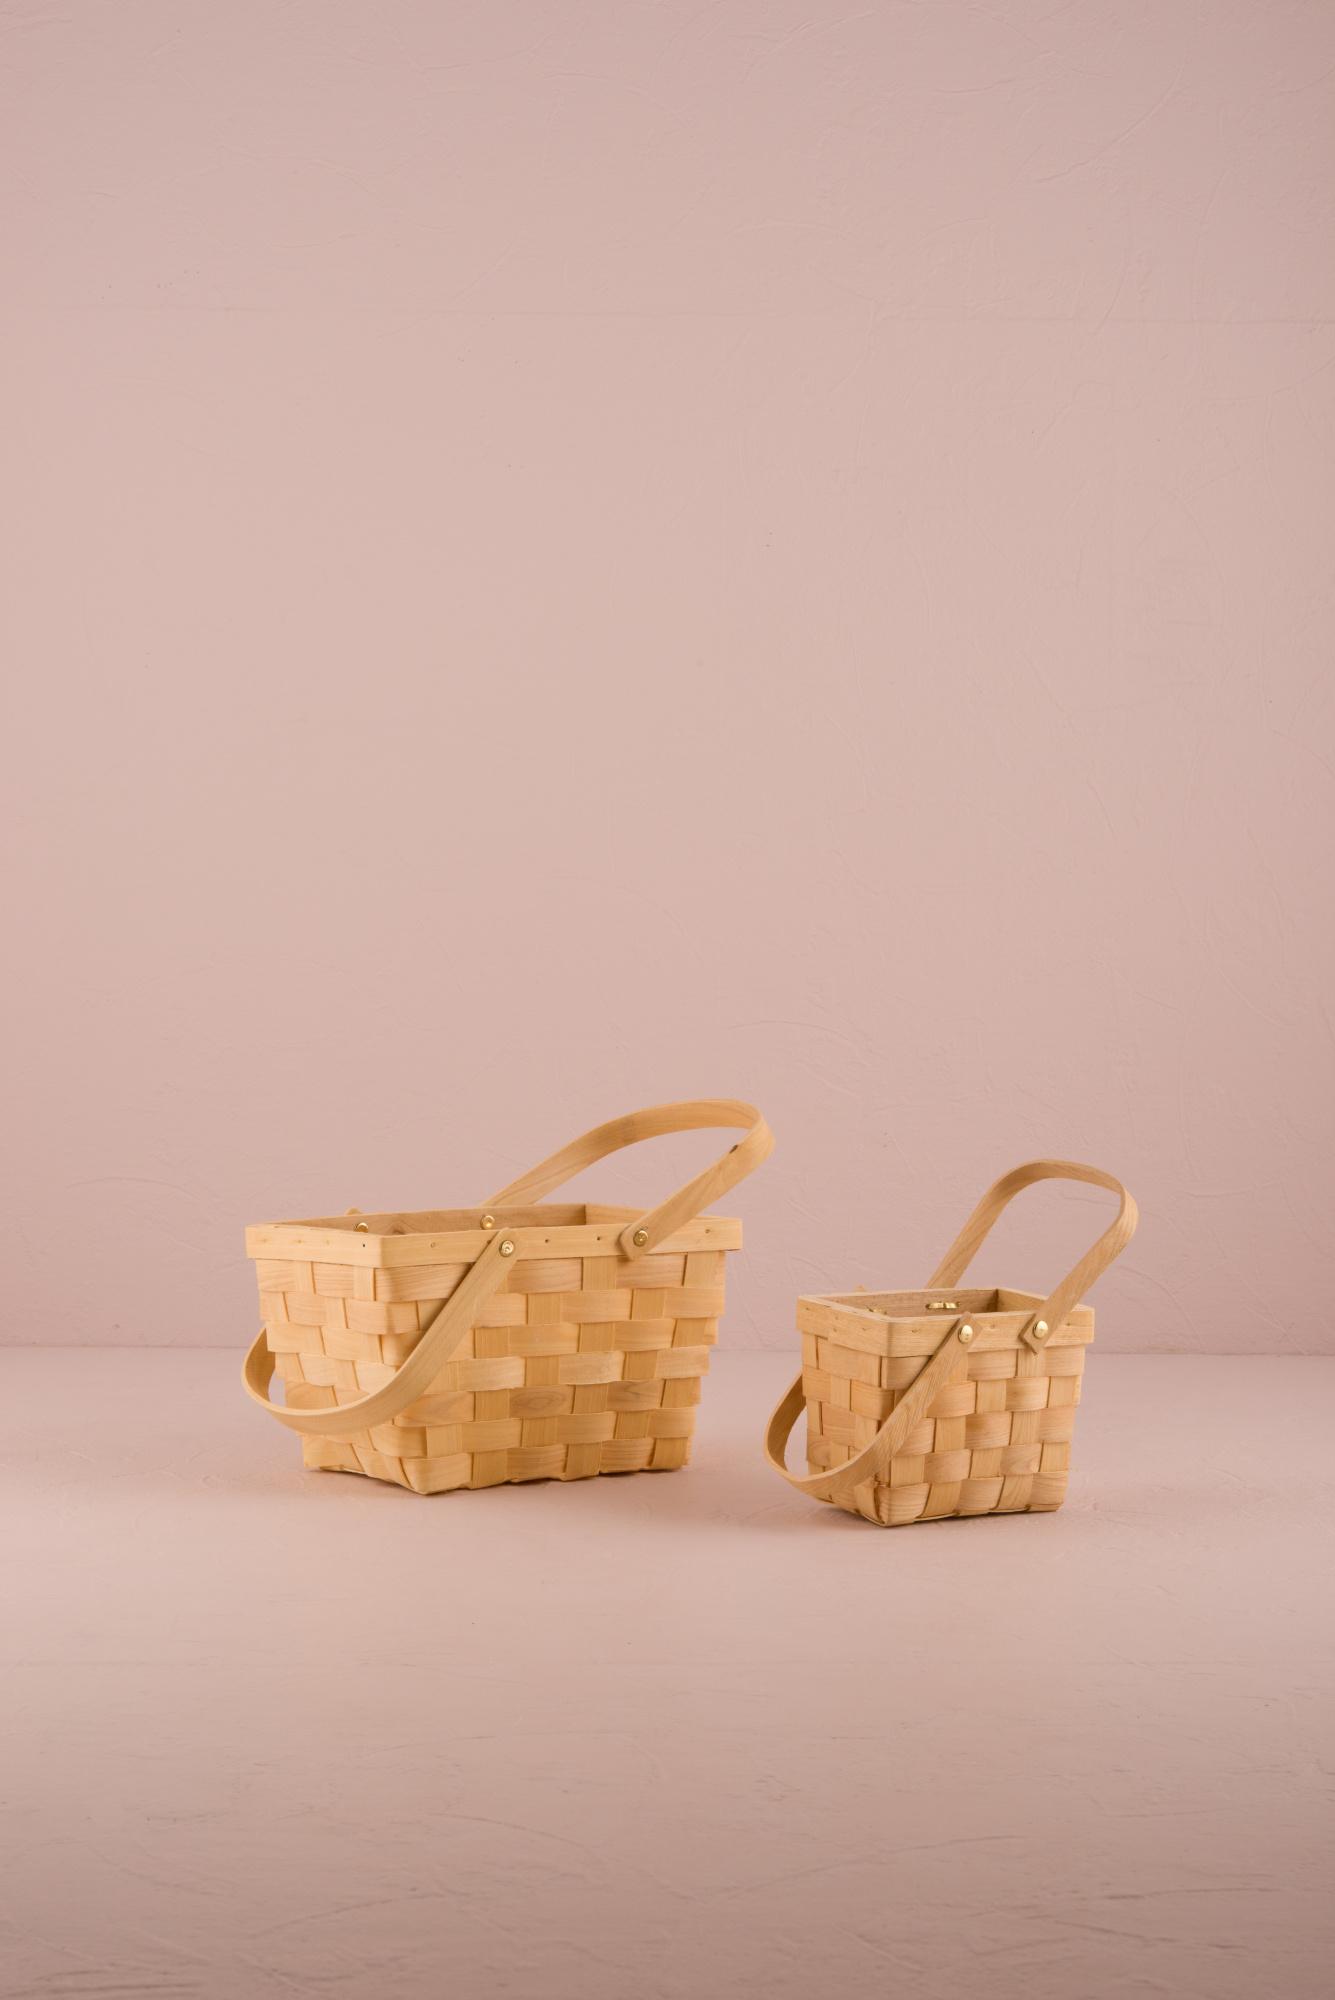 Large Picnic Basket Decor Party Favour Woven Vintage Design 68180033133 Ebay